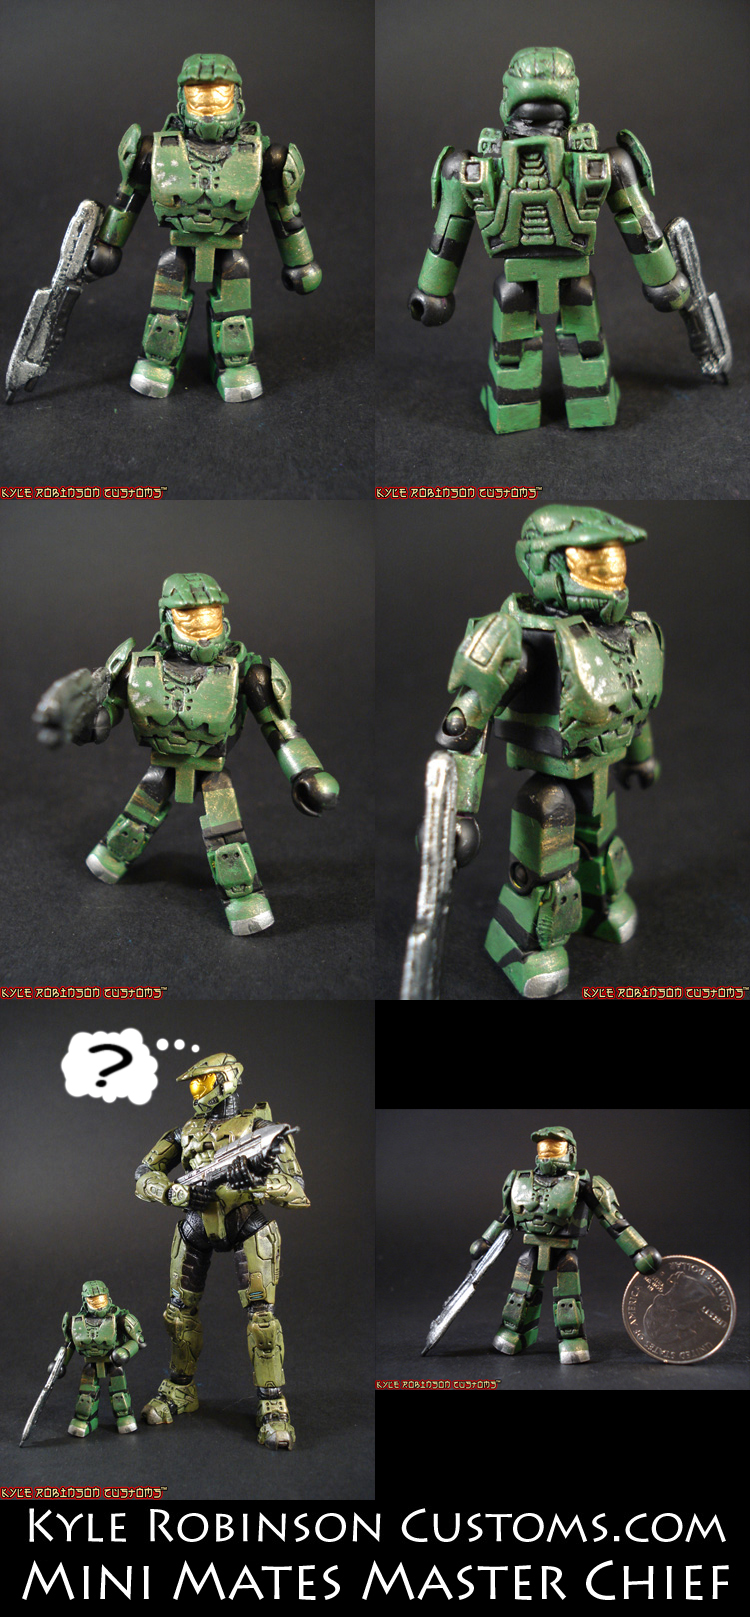 Minimates Halo 3 Mini Mates Halo 3 Master